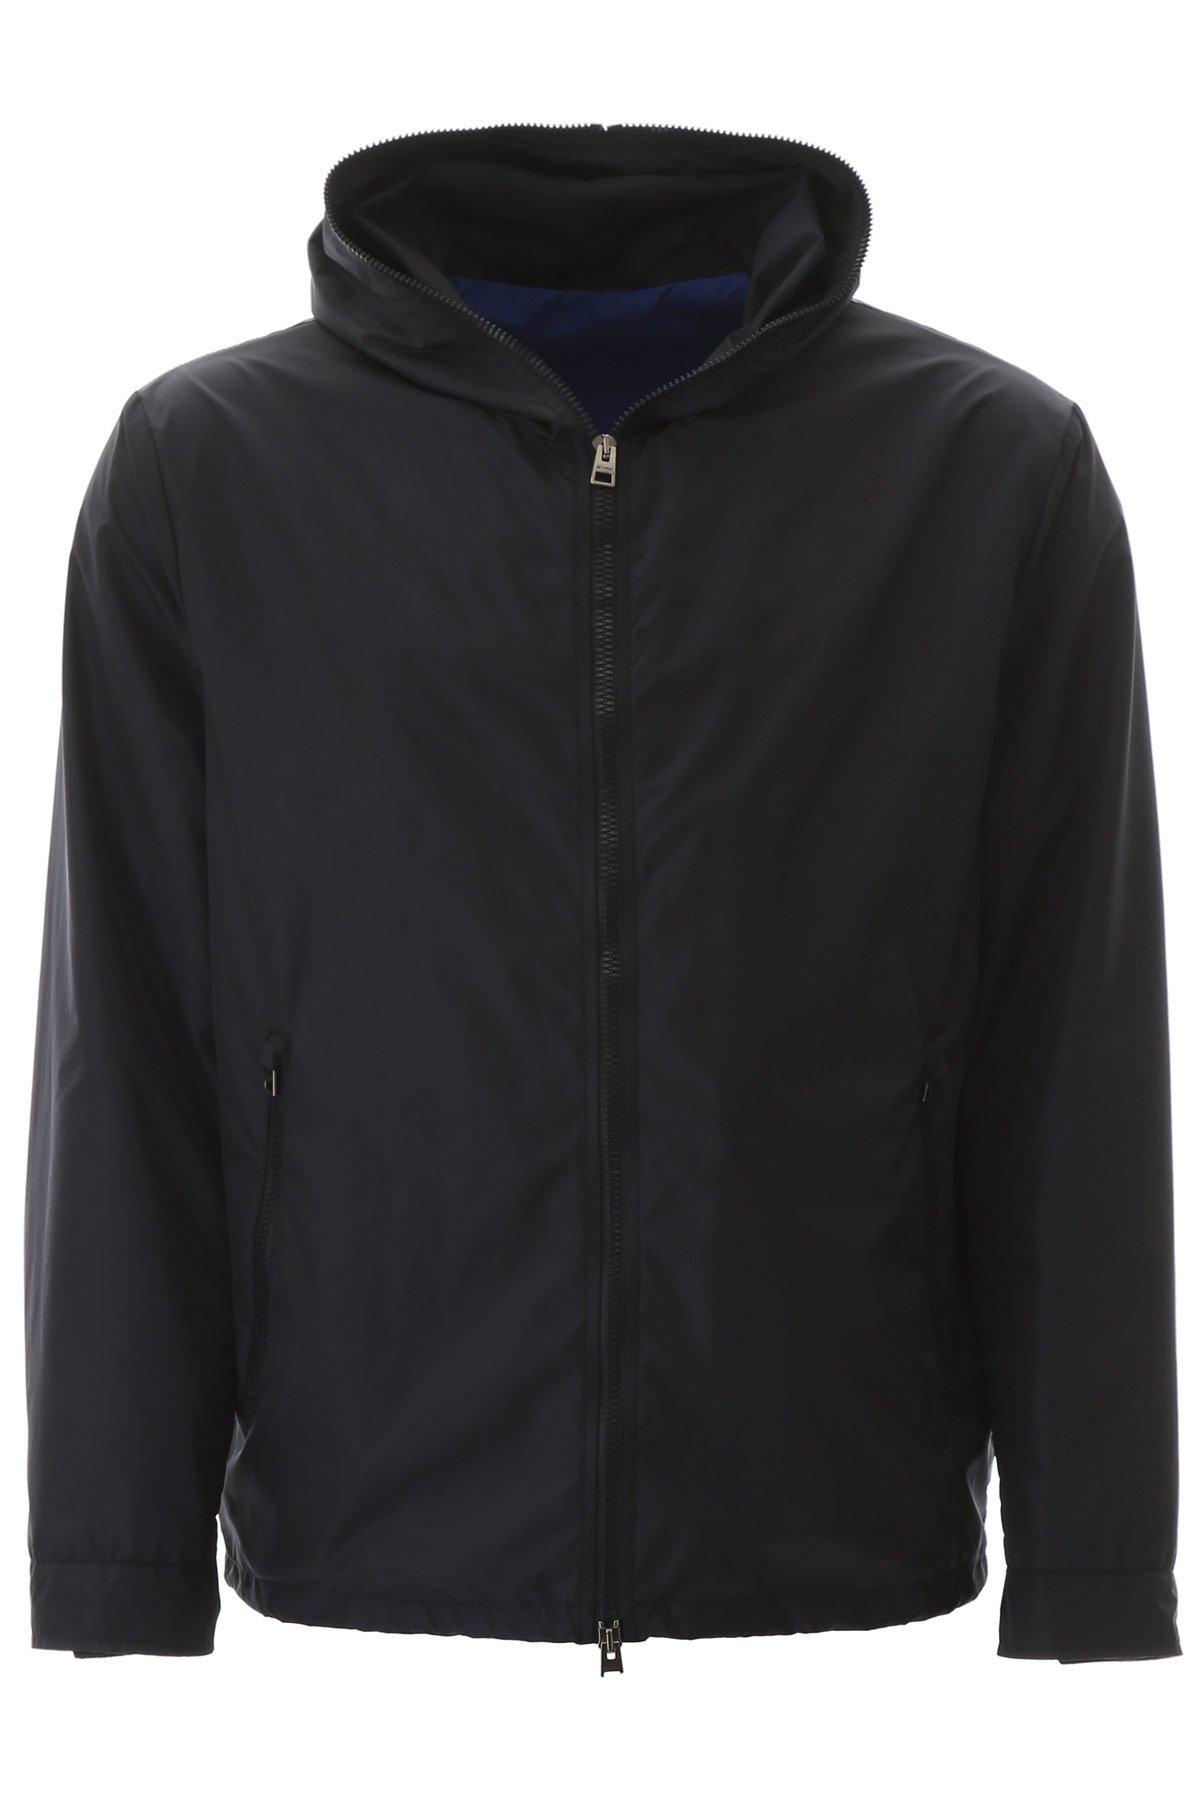 Etro giacca a vento con logo on back